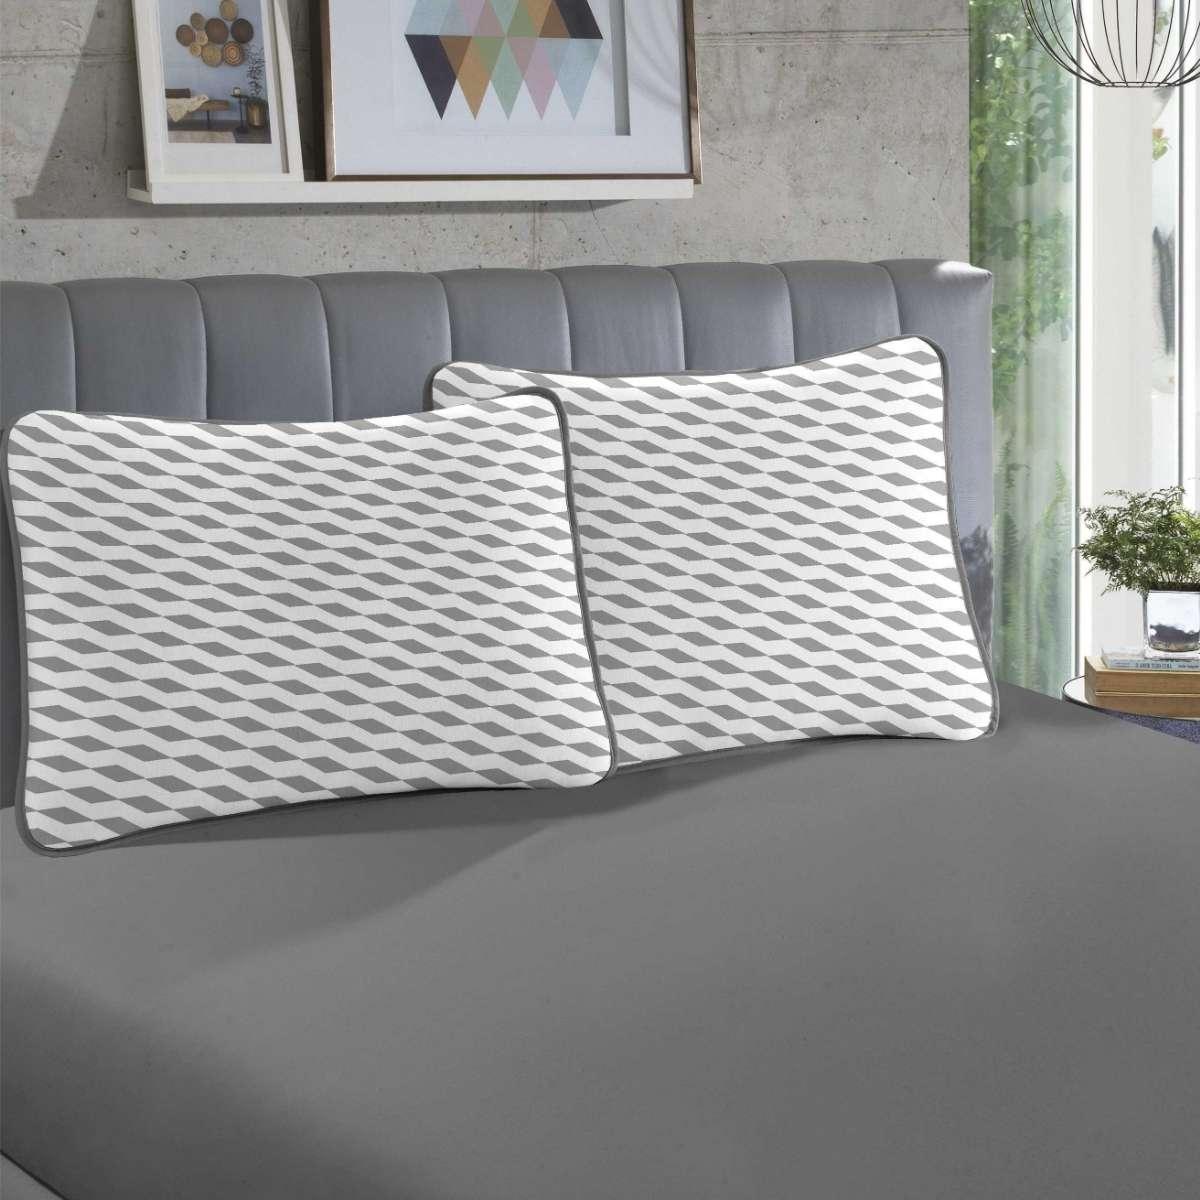 Jogo de cama em malha KING 100% Algodão - 1 Lençol KING com elástico em toda a volta + 2 fronhas estampadas Luna Cinza